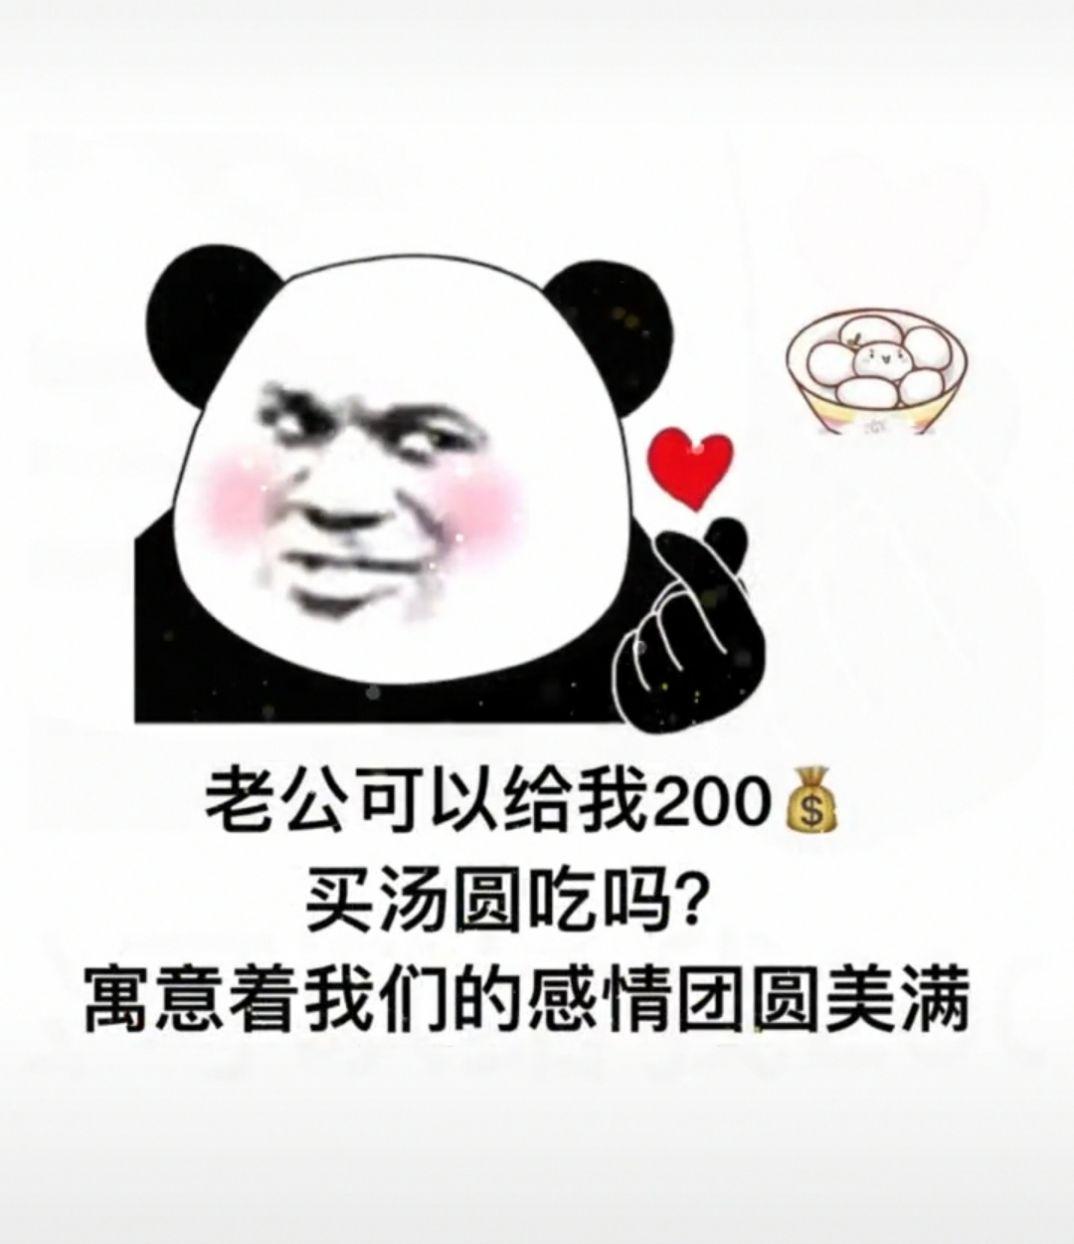 老公可以给我200买汤圆吃吗 寓意着我们的感情团圆美满表情包图片抖音原版分享图3: